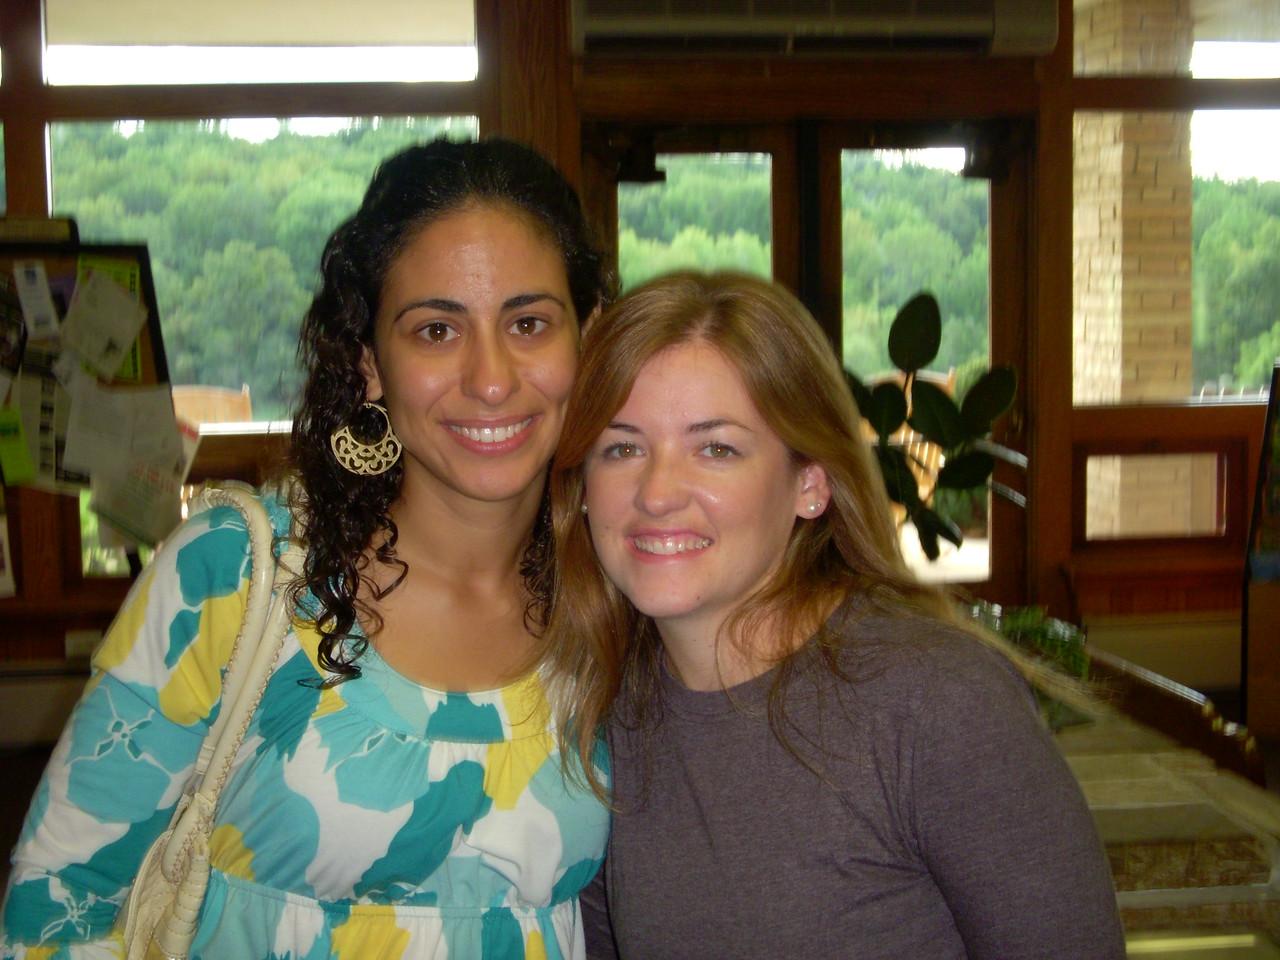 Maral and Megan